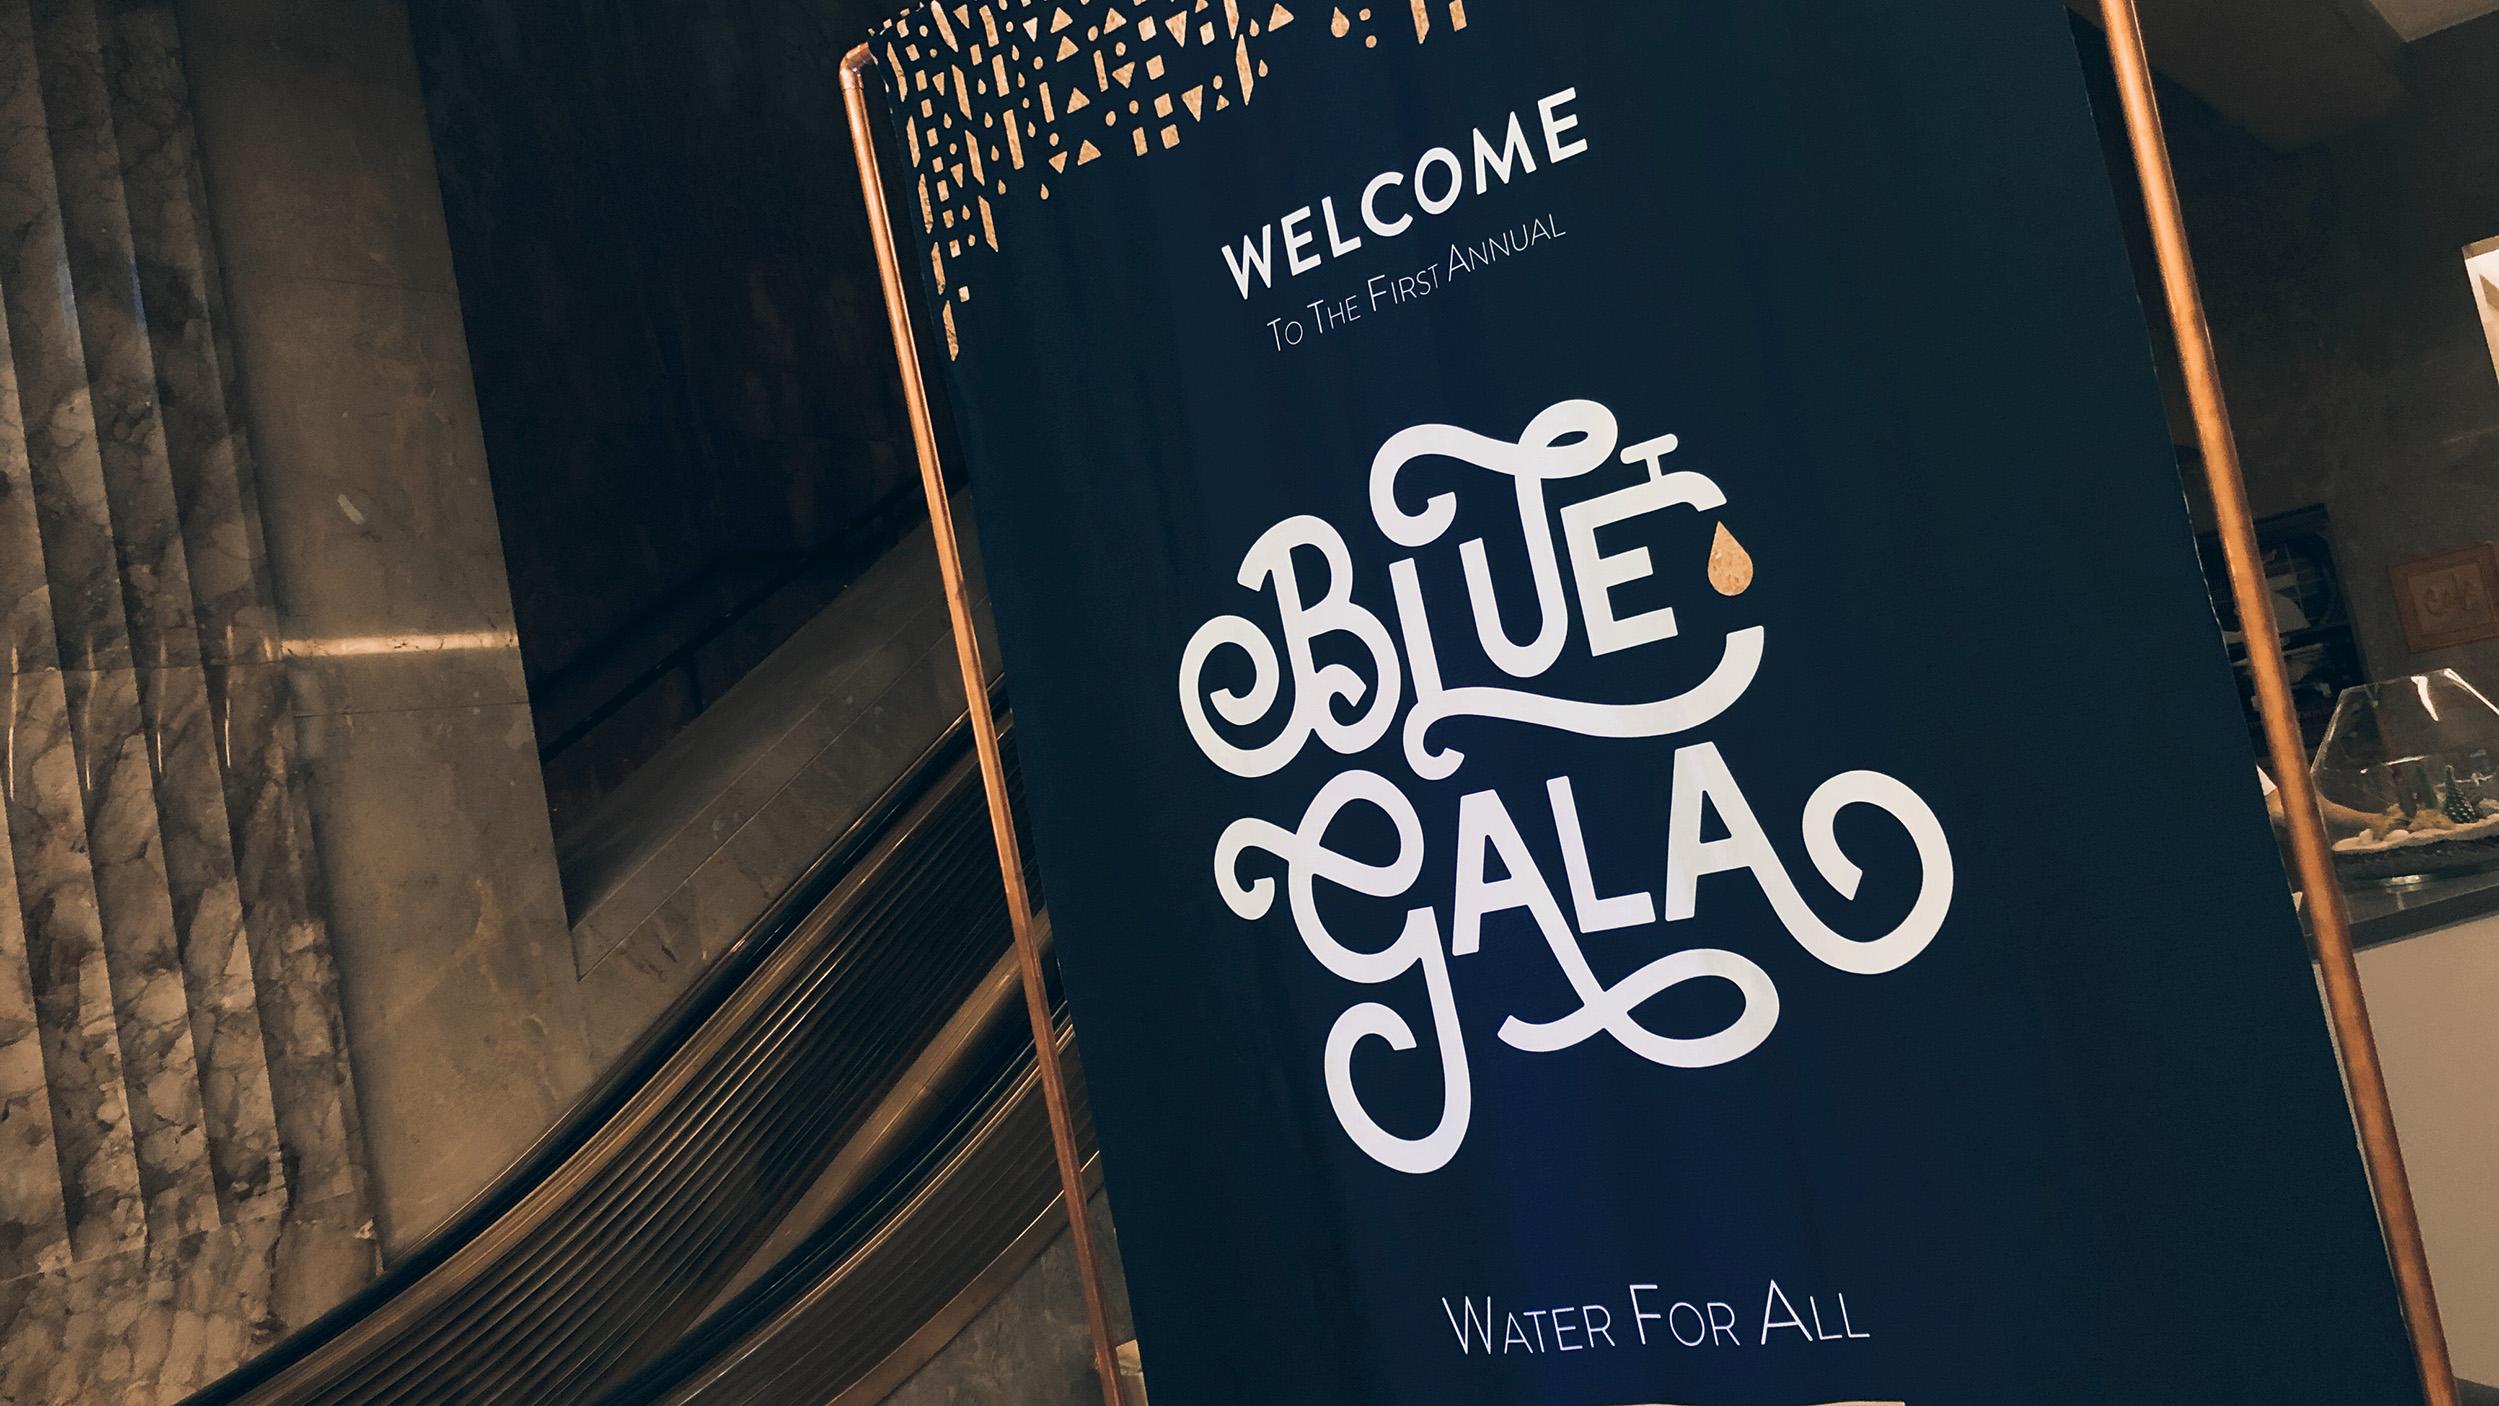 Blue Missions Gala -